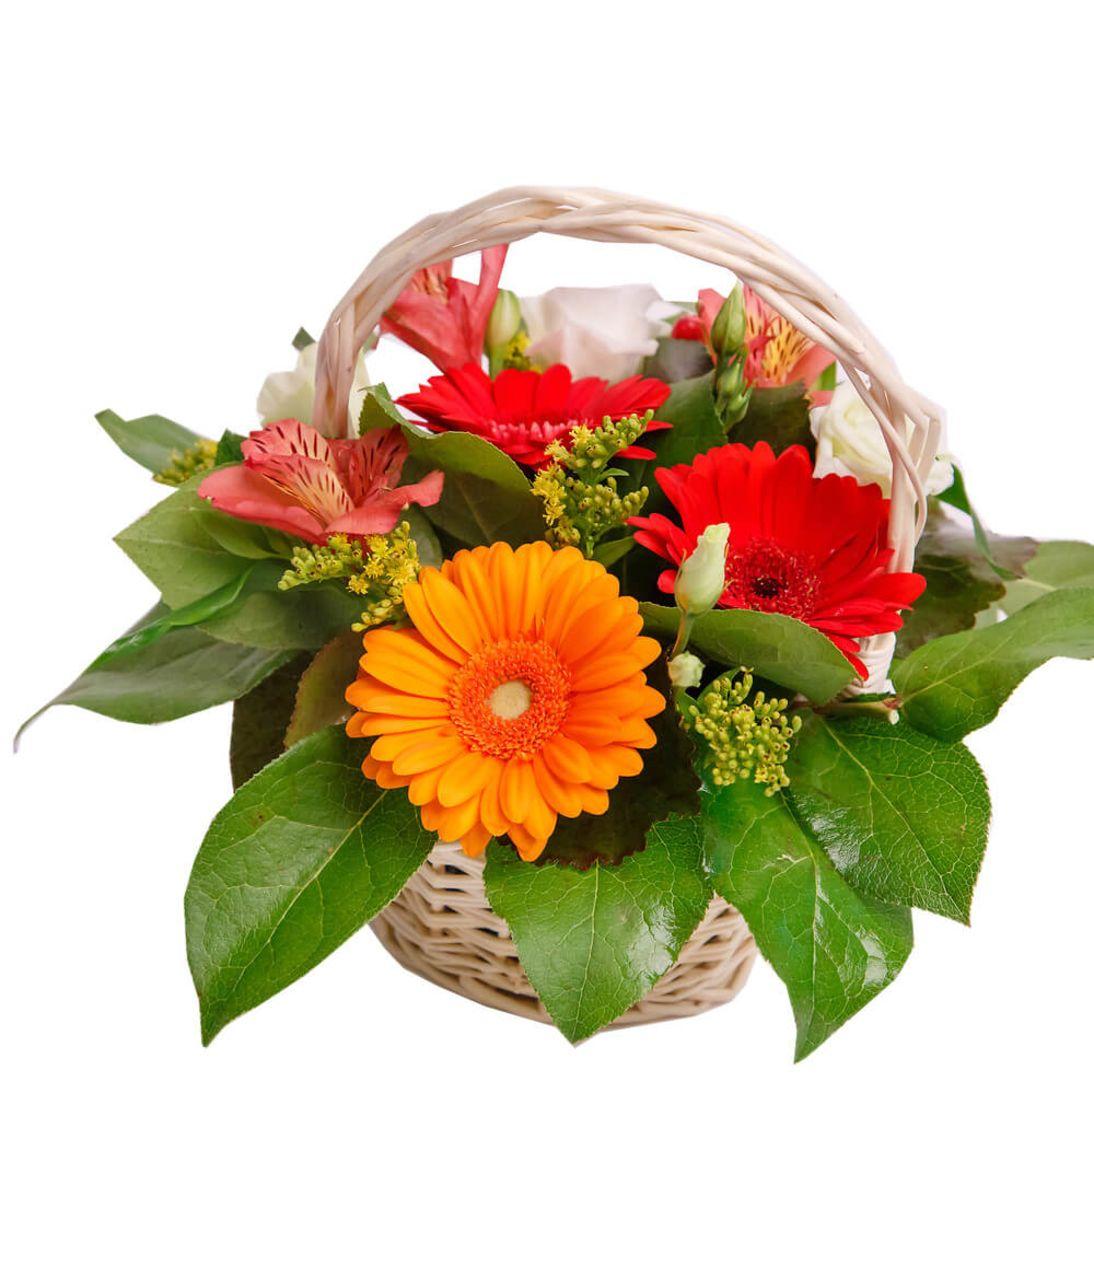 """Корзина цветов """"Оранж"""". Superflowers.com.ua"""